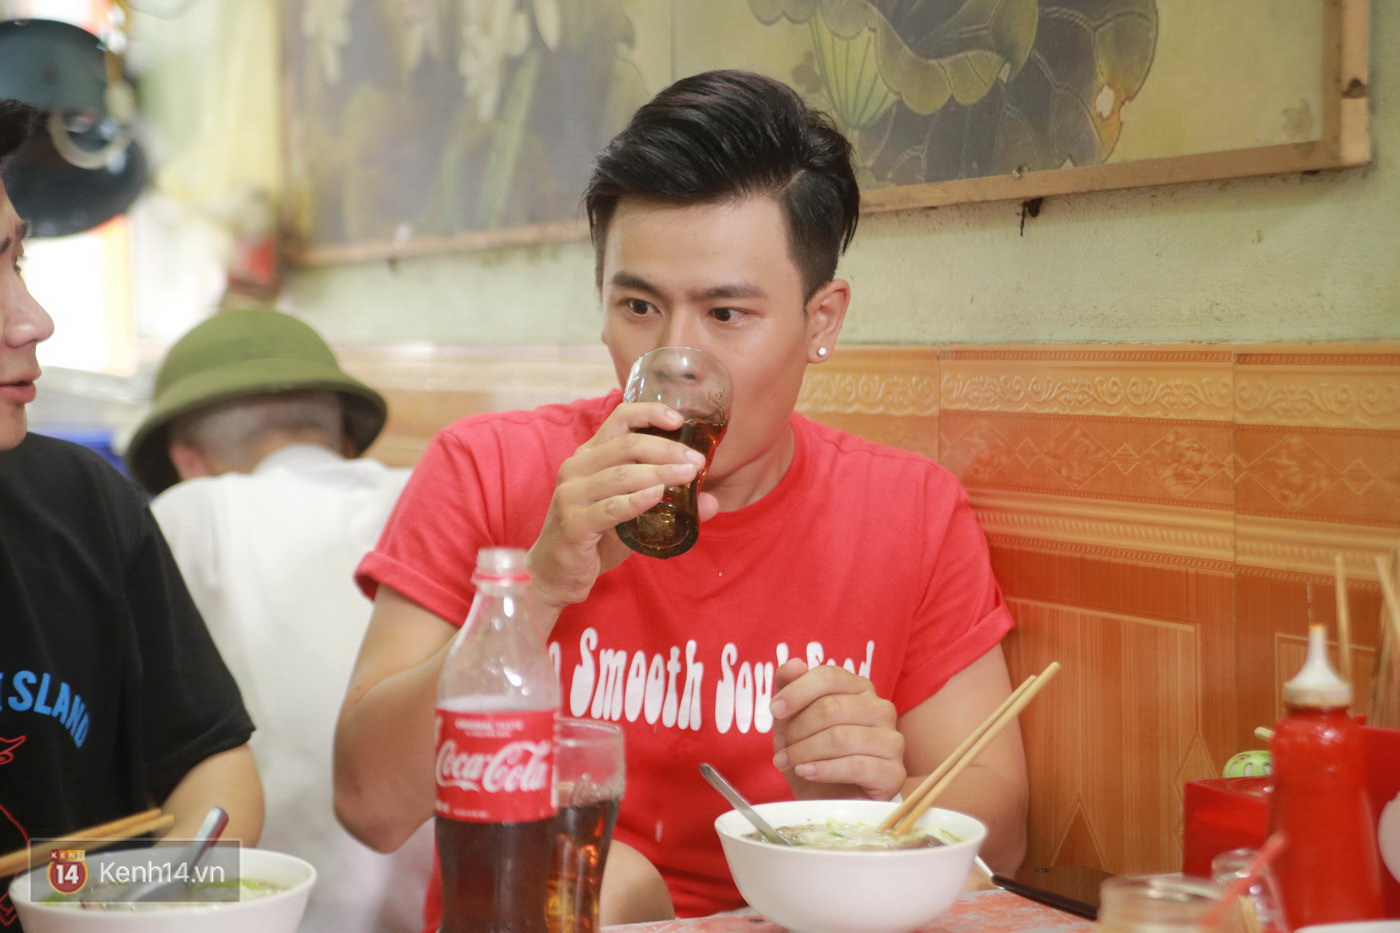 Đói Chưa Nhỉ: Theo chân 2 MC Bữa trưa vui vẻ tới quán phở nổi tiếng nhất Nam Định - Ảnh 8.